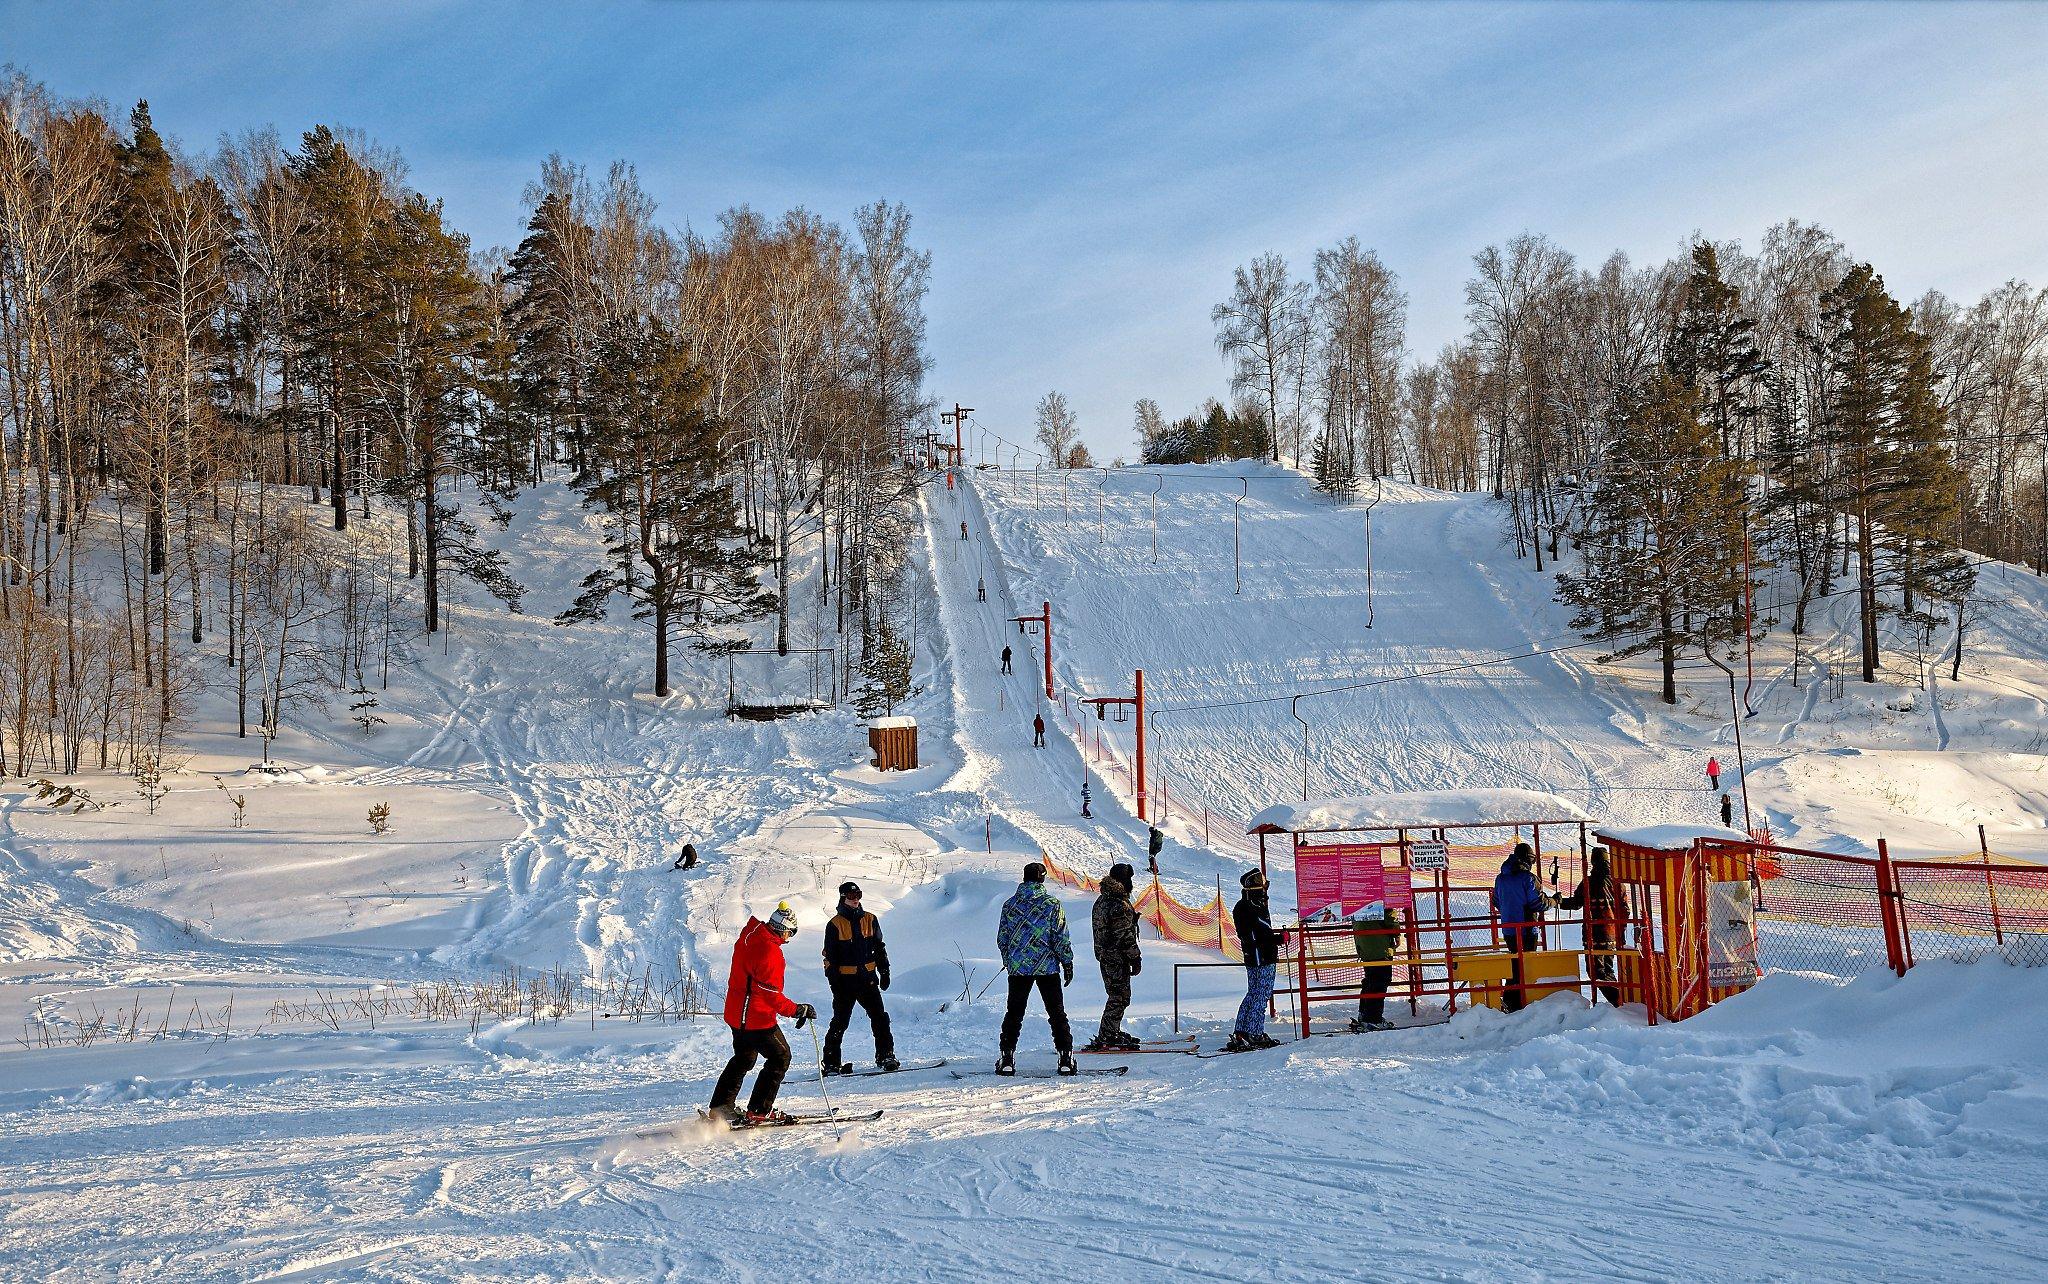 Ключи - горнолыжный комплекс в Новосибирске